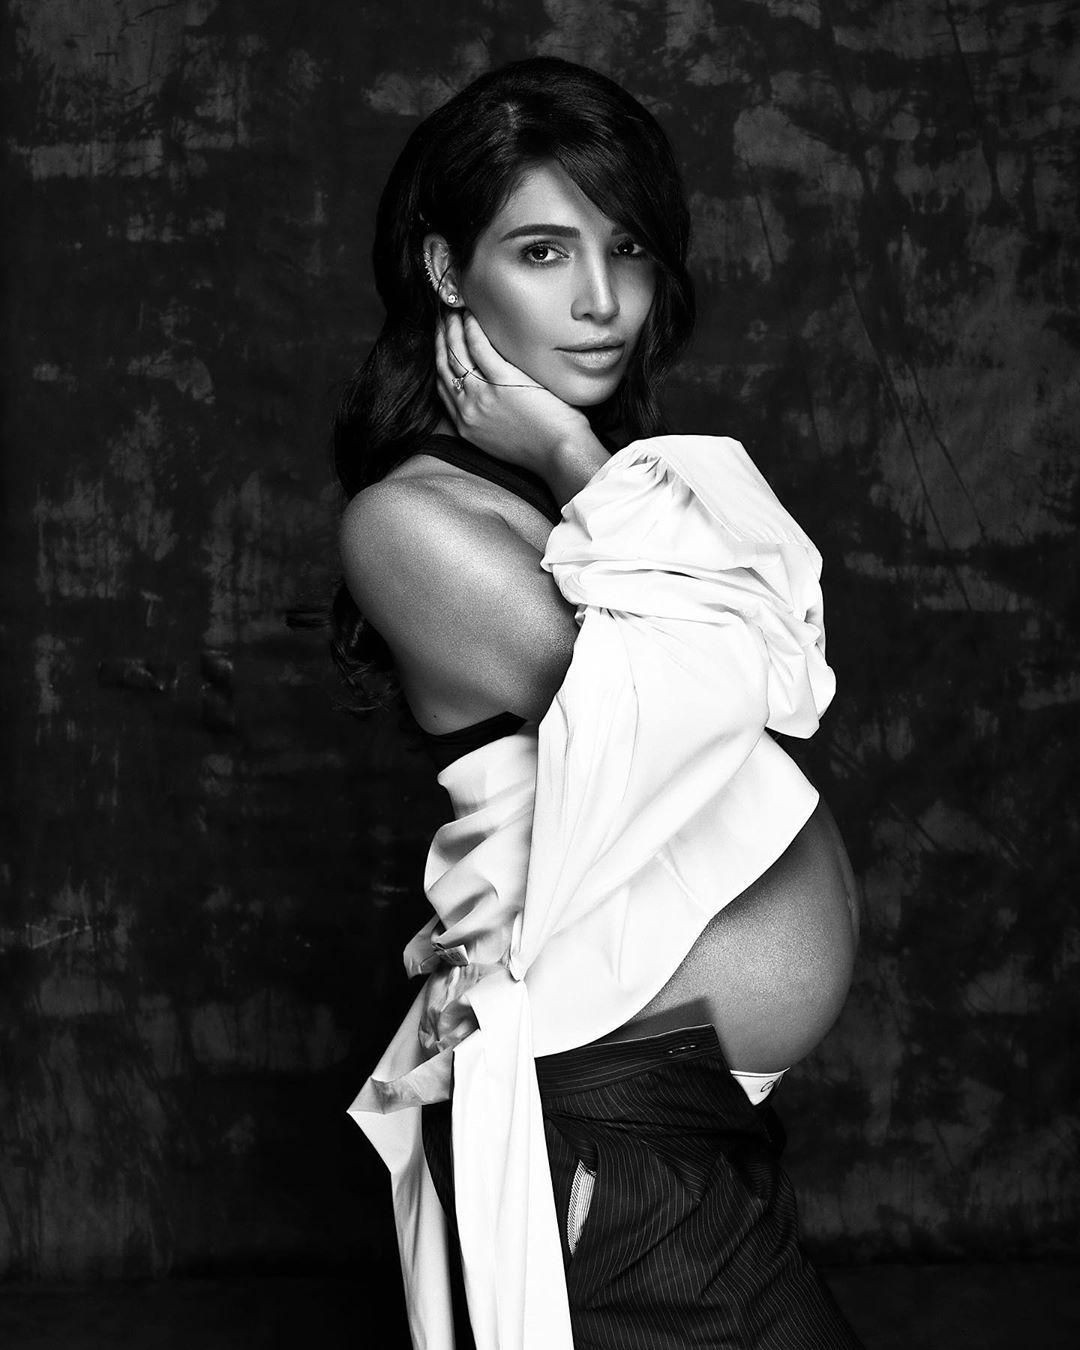 Санта Димопулос объявила о второй беременности и показала округлившийся живот